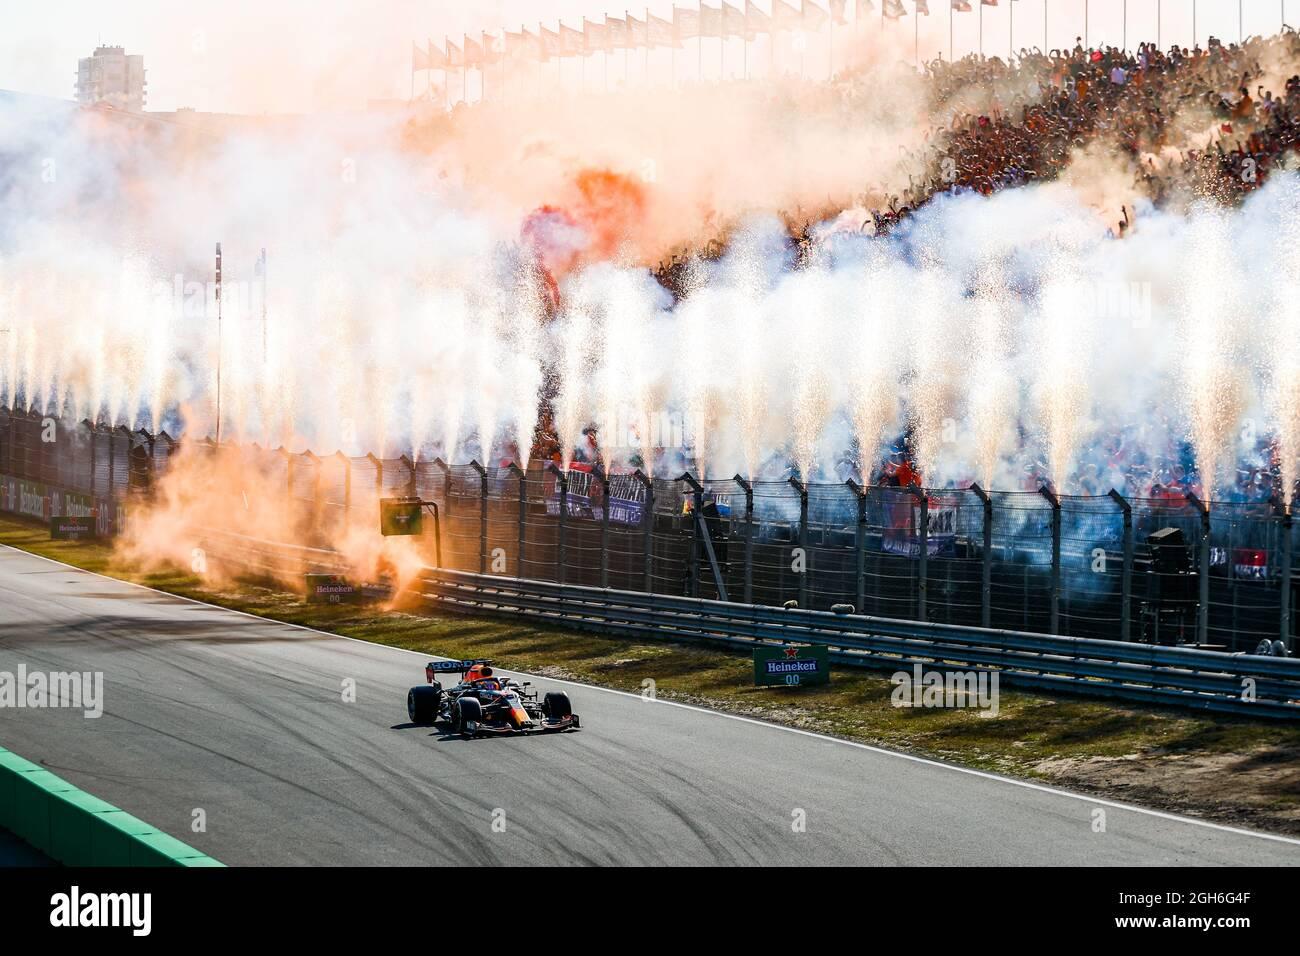 VERSTAPPEN Max (ned), Red Bull Racing Honda RB16B, in azione celebrando la sua vittoria davanti alla folla durante il Gran Premio olandese di Formula 1 Heineken 2021, 13° round del Campionato del mondo FIA Formula uno 2021 dal 3 al 5 settembre 2021 sul circuito di Zandvoort, a Zandvoort, Olanda - Foto Florent Gooden / DPPI Foto Stock